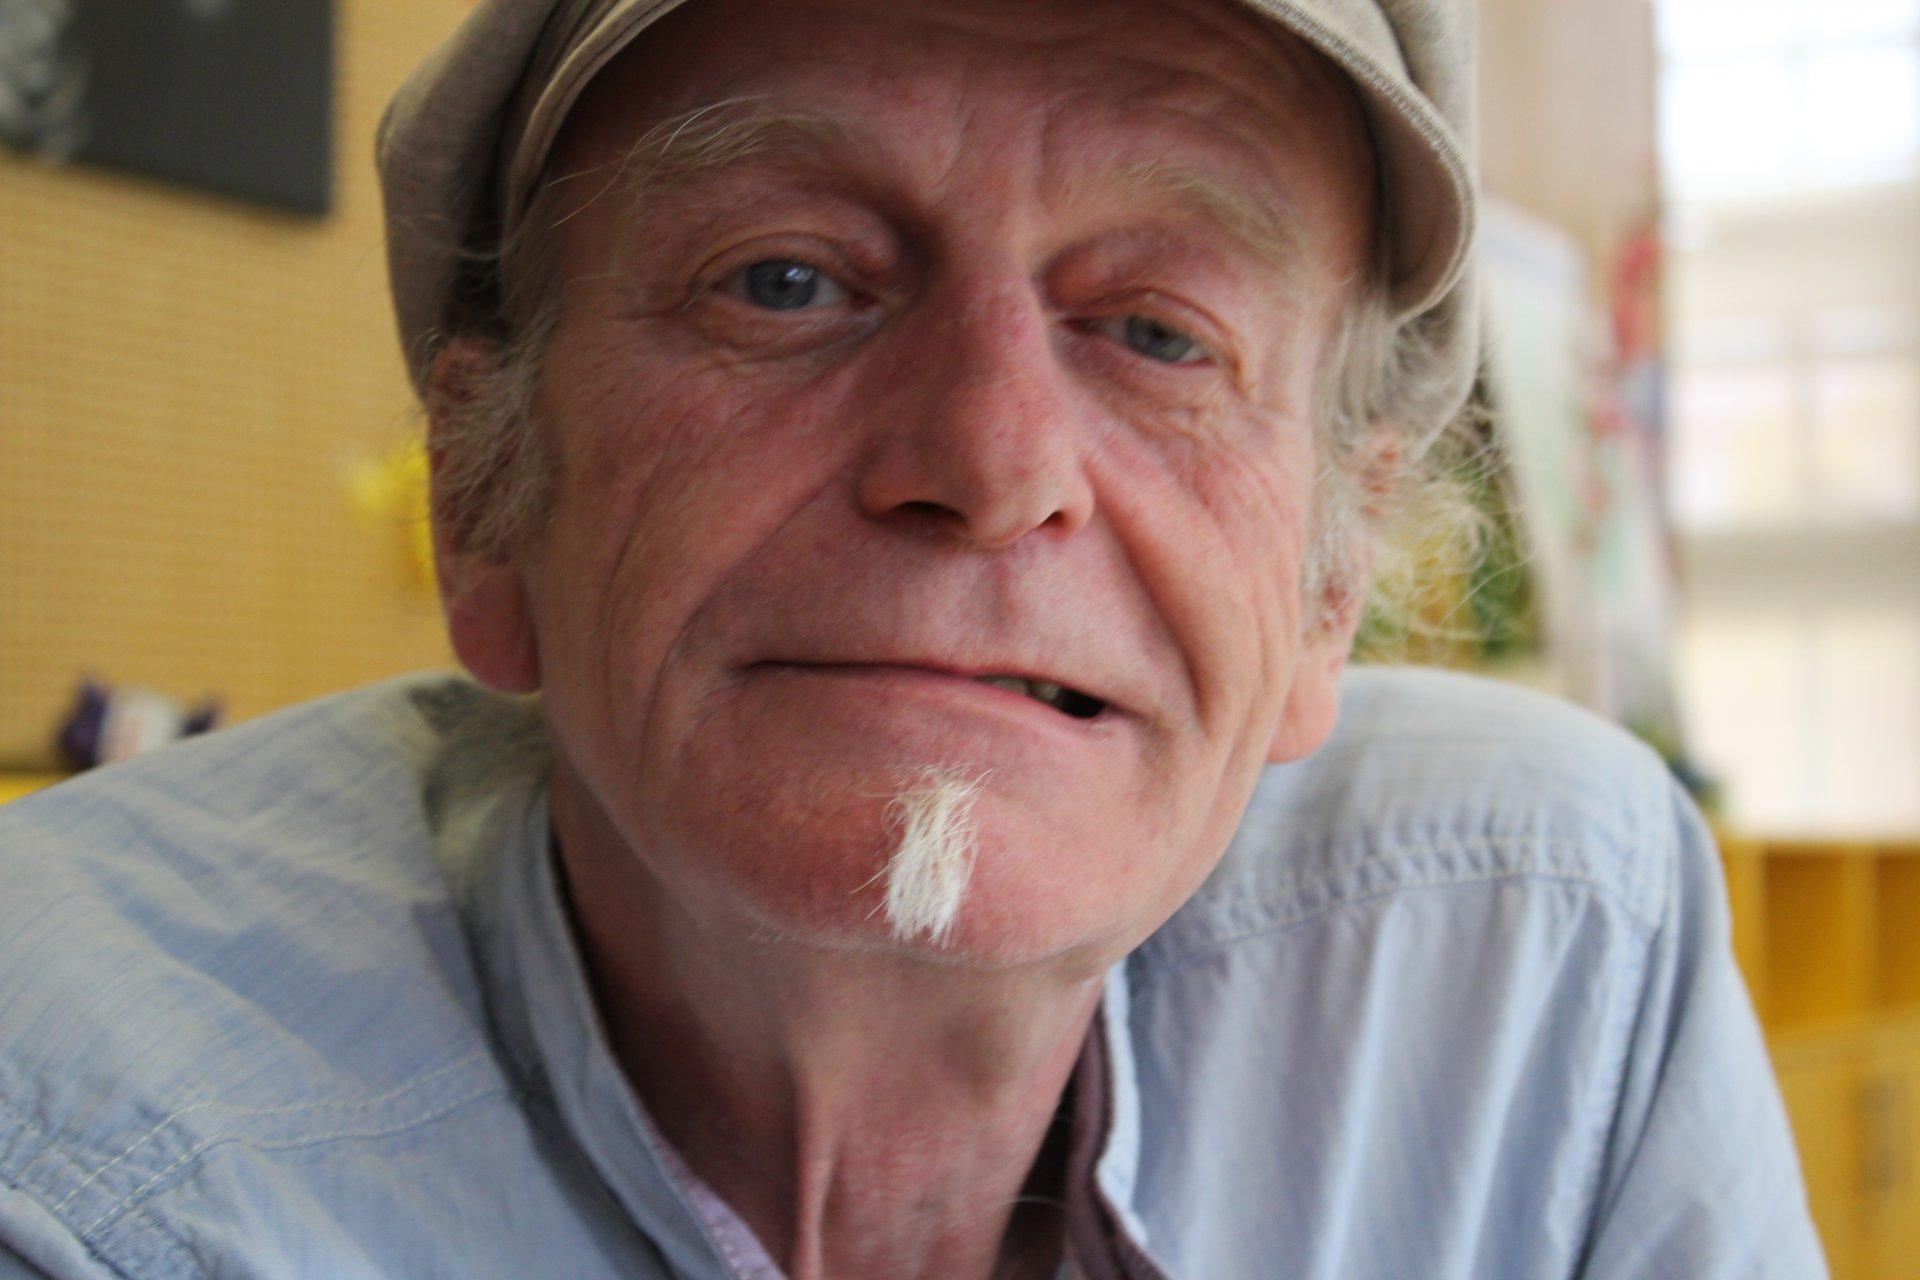 Wiljem uit Utrecht,Nederland